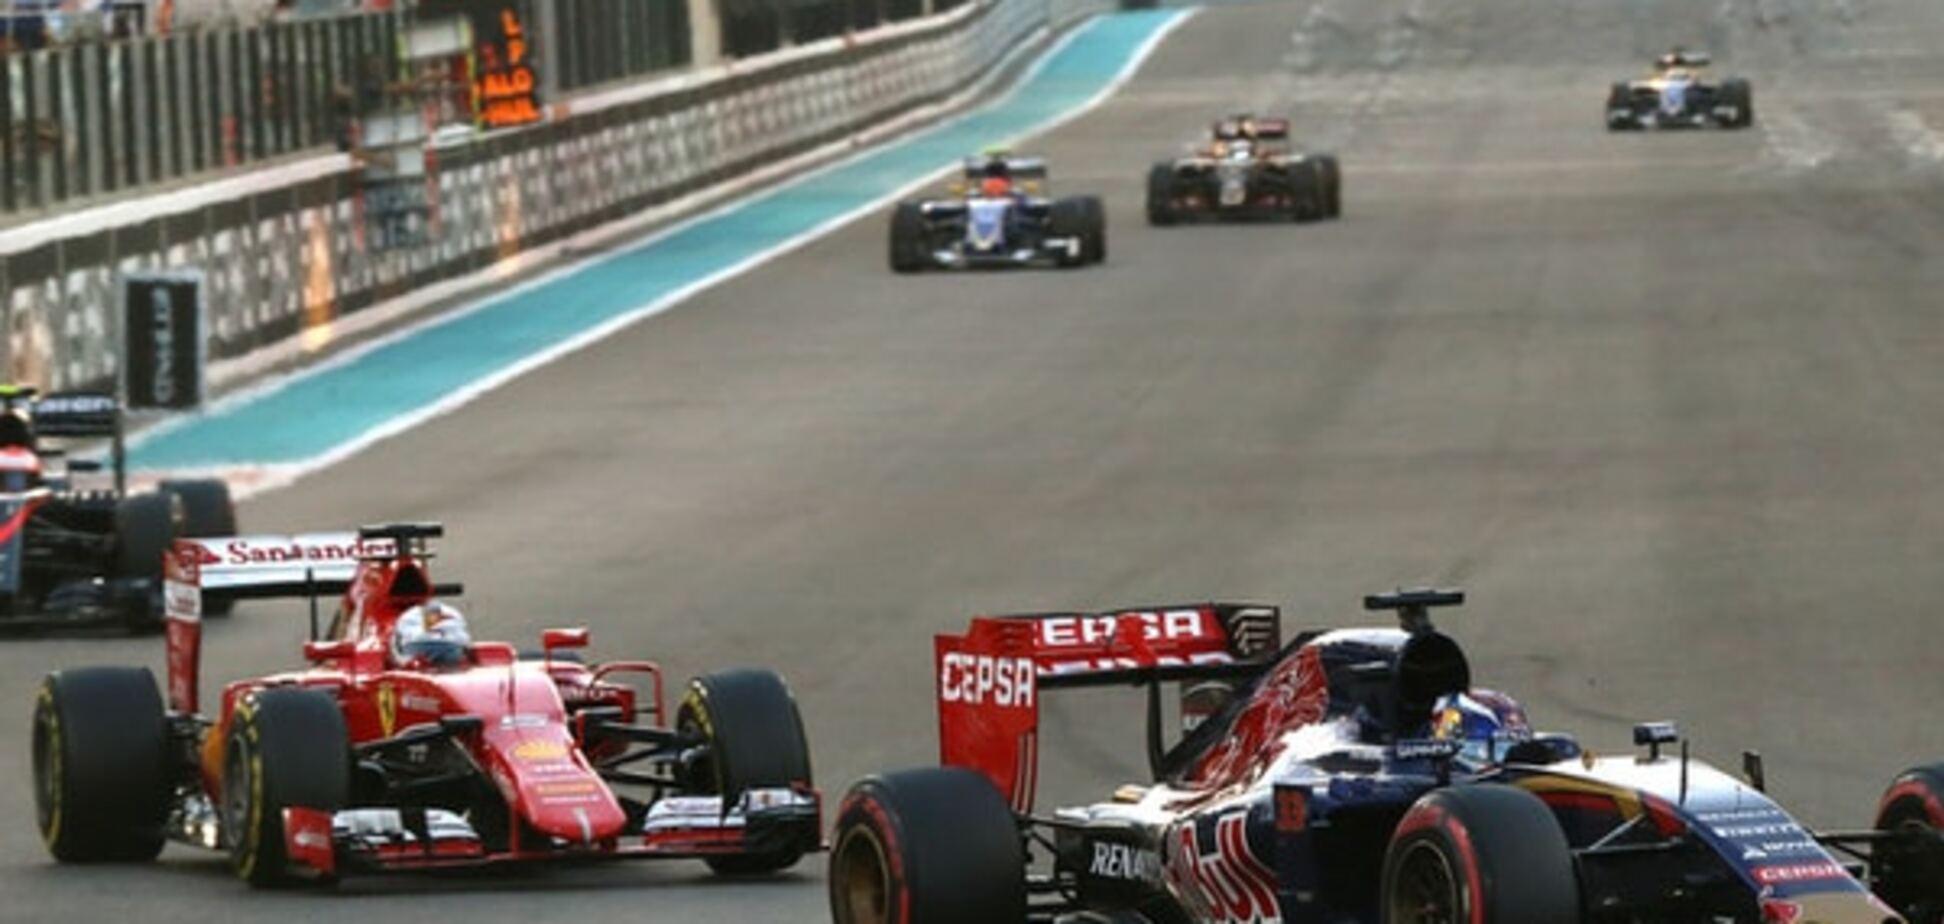 Феттель здійснив грандіозний прорив на останньому Гран-прі сезону Формули-1